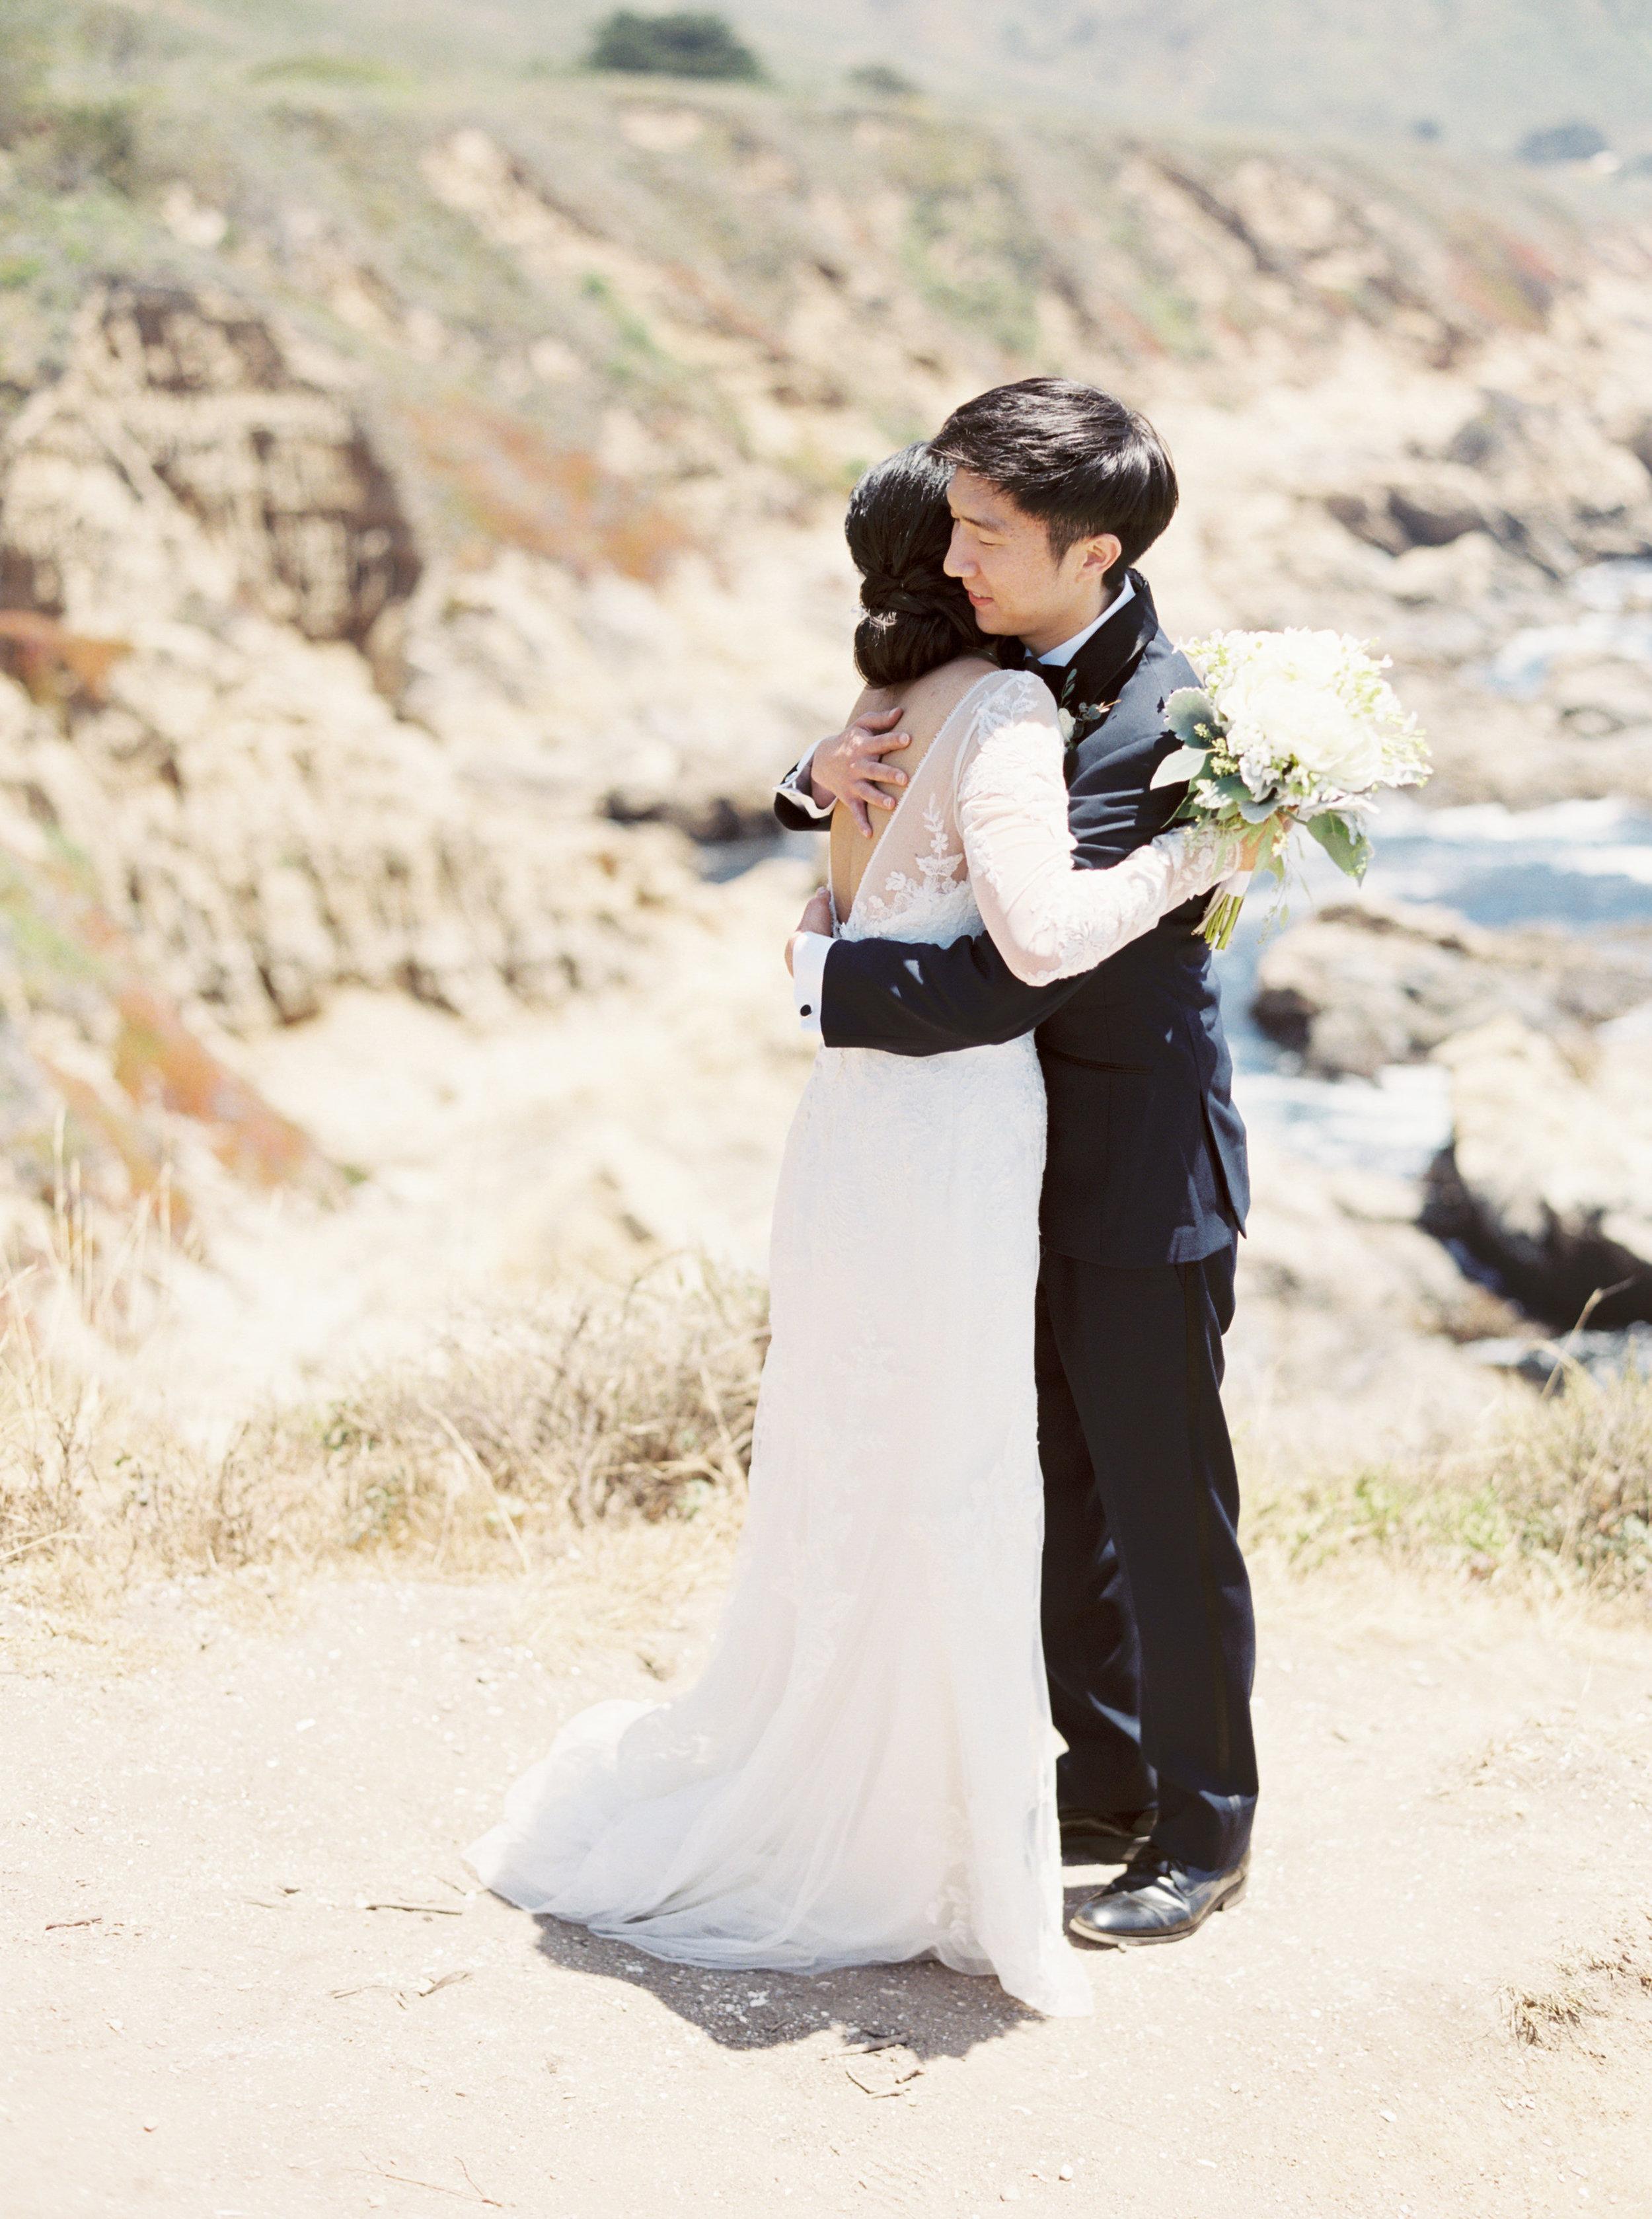 carmel-wedding-at-wedgewood-carmel-california-5.jpg